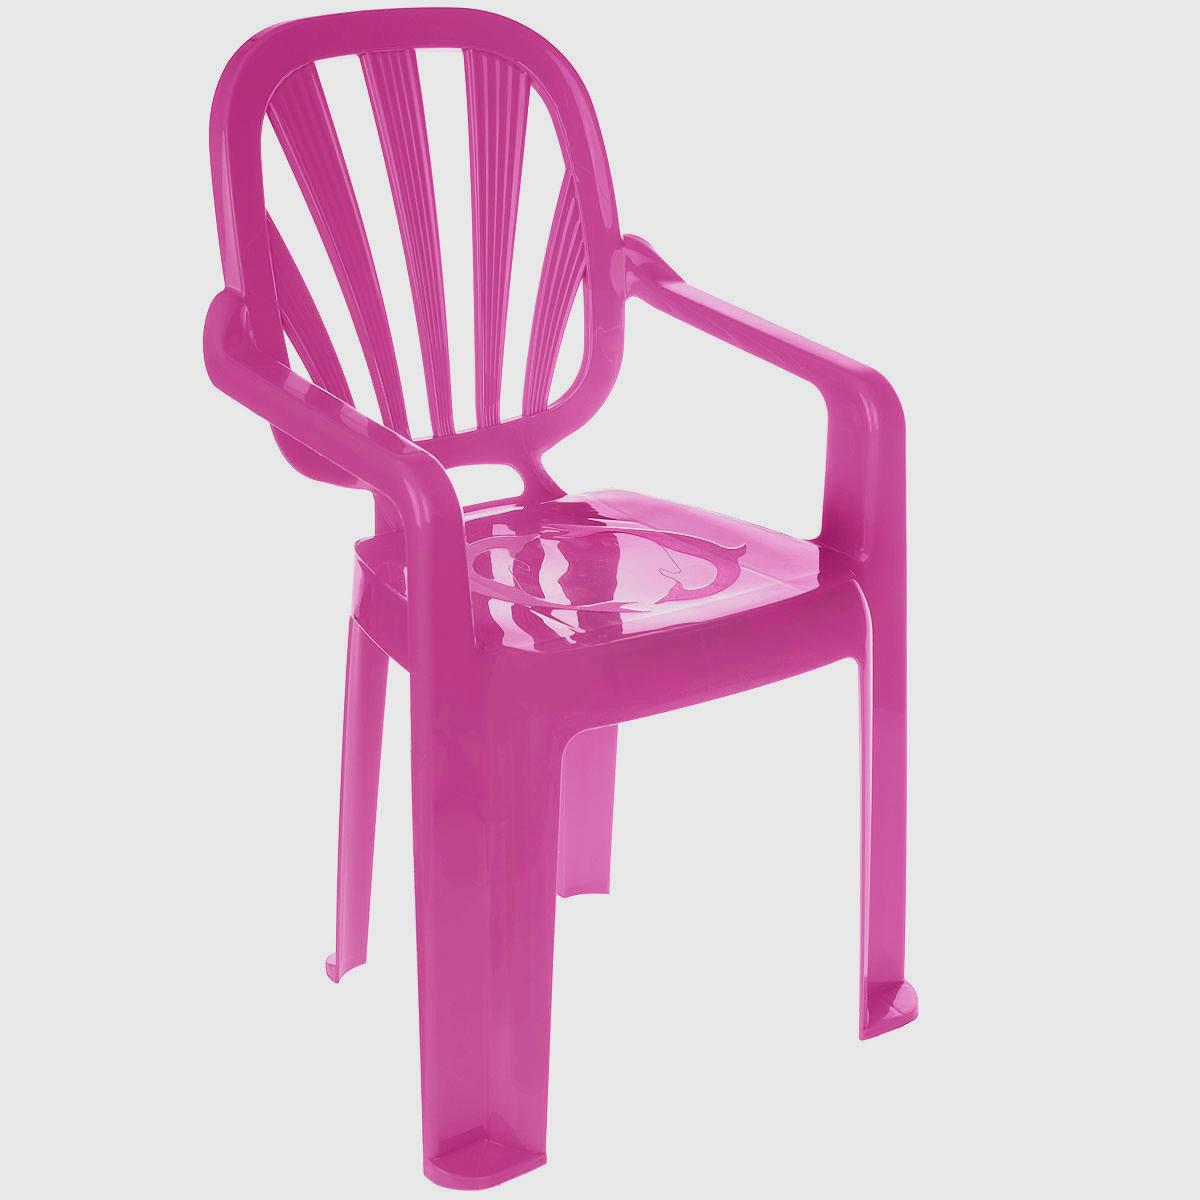 Idea Стульчик детский Арлекино цвет малиновыйFS-91909Детский стульчик Idea Арлекино выполнен из высококачественного пластика. Прочный и удобный, без острых углов, легко транспортируемый стул прослужит вам долгие годы. Сиденье стульчика оформлено рельефным изображением дельфинов. Надежная опора ножек предотвращает опрокидывание стула. Детский стул Idea Арлекино порадует вашего ребенка.